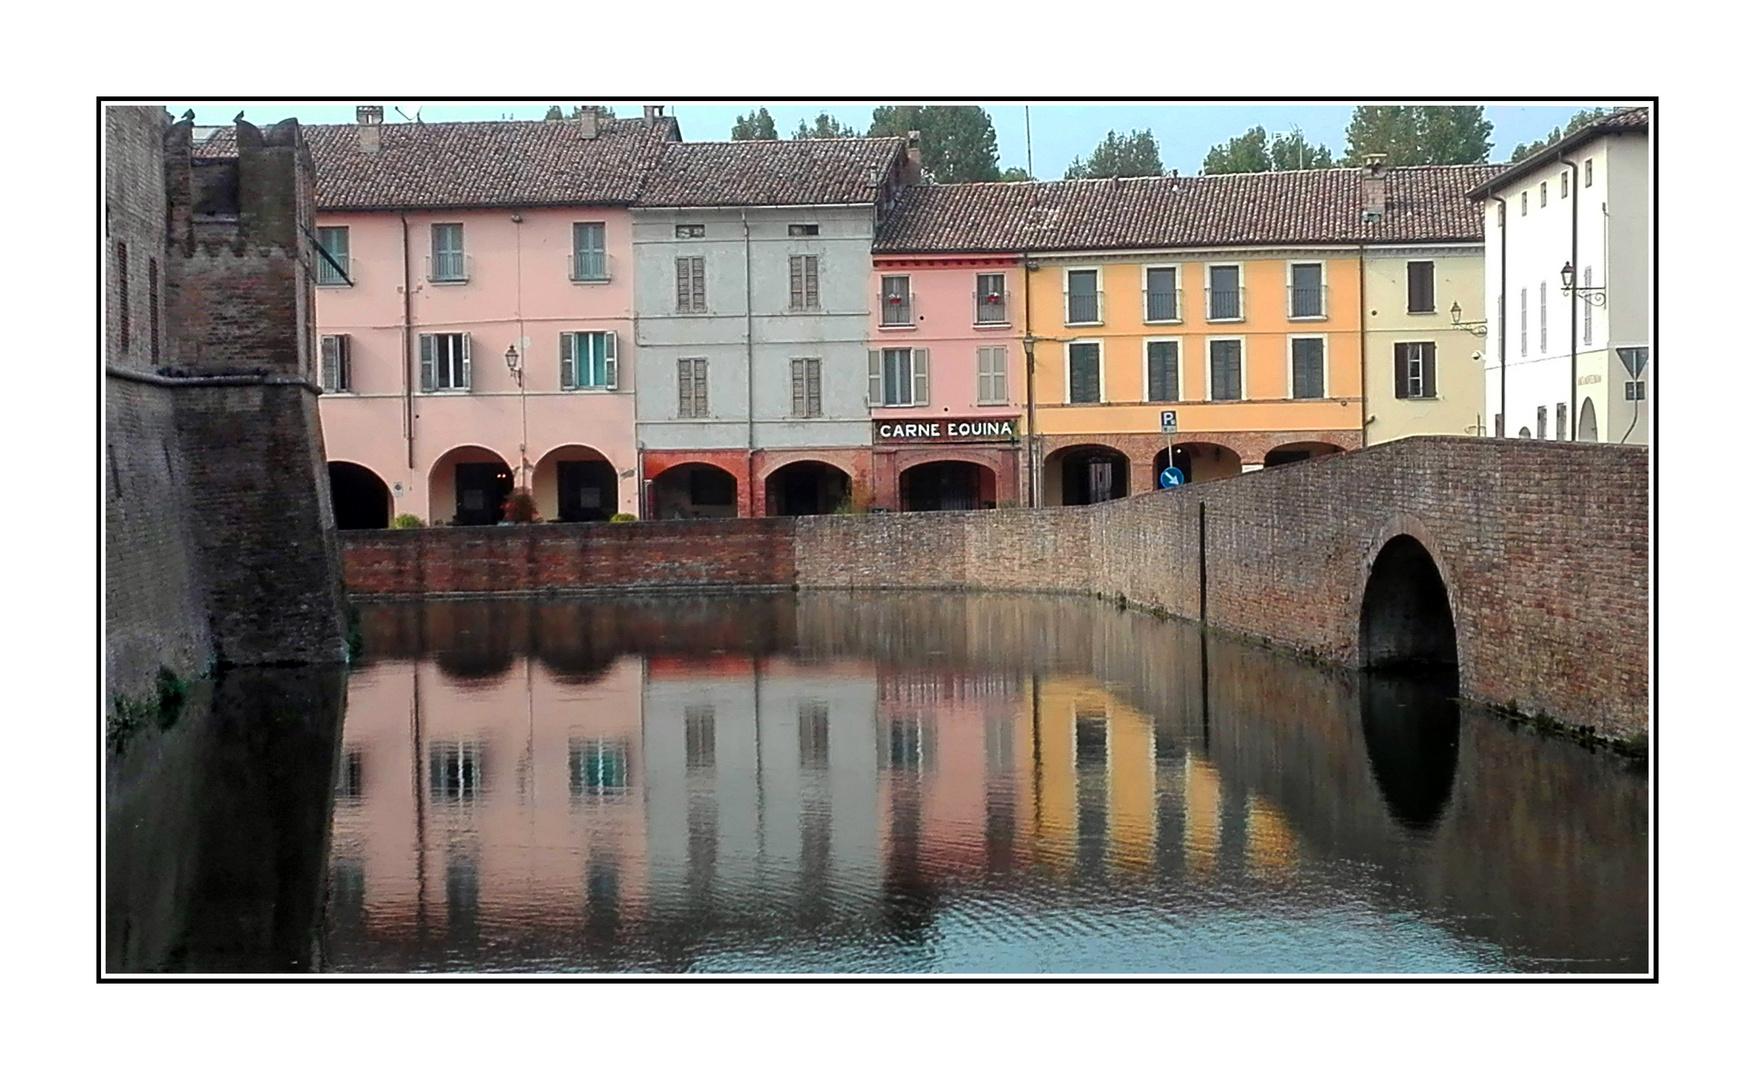 FONTANELLATO (Parma)